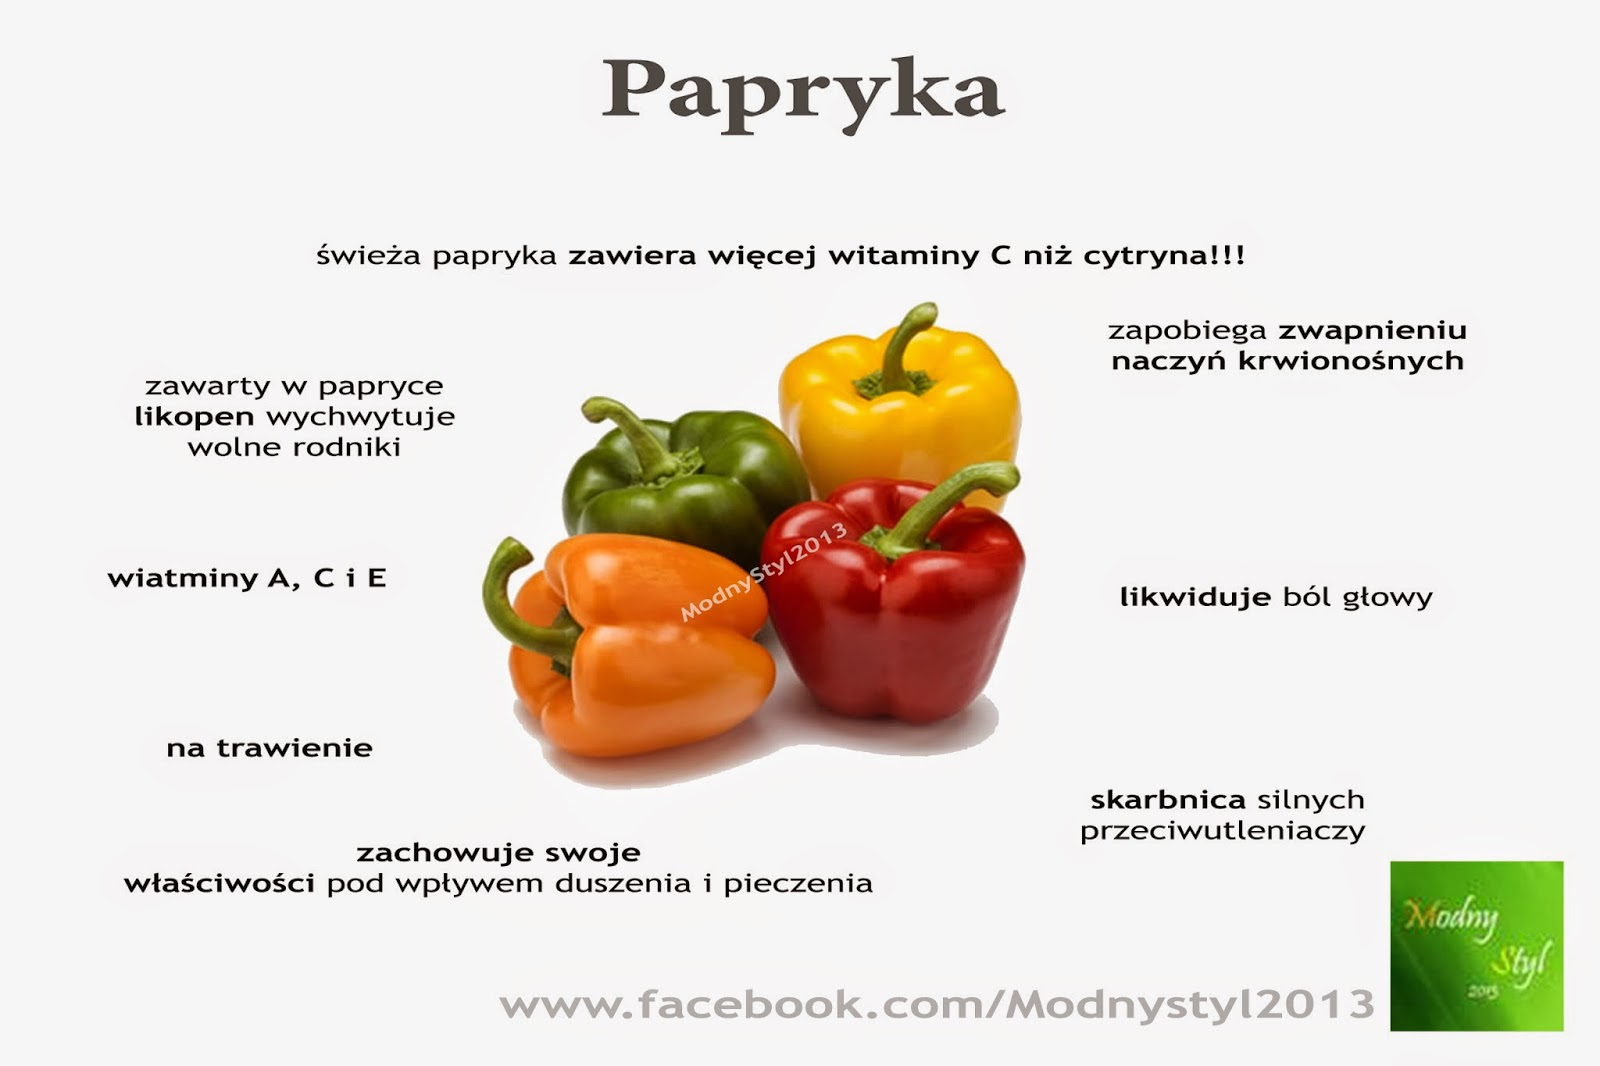 Papryka